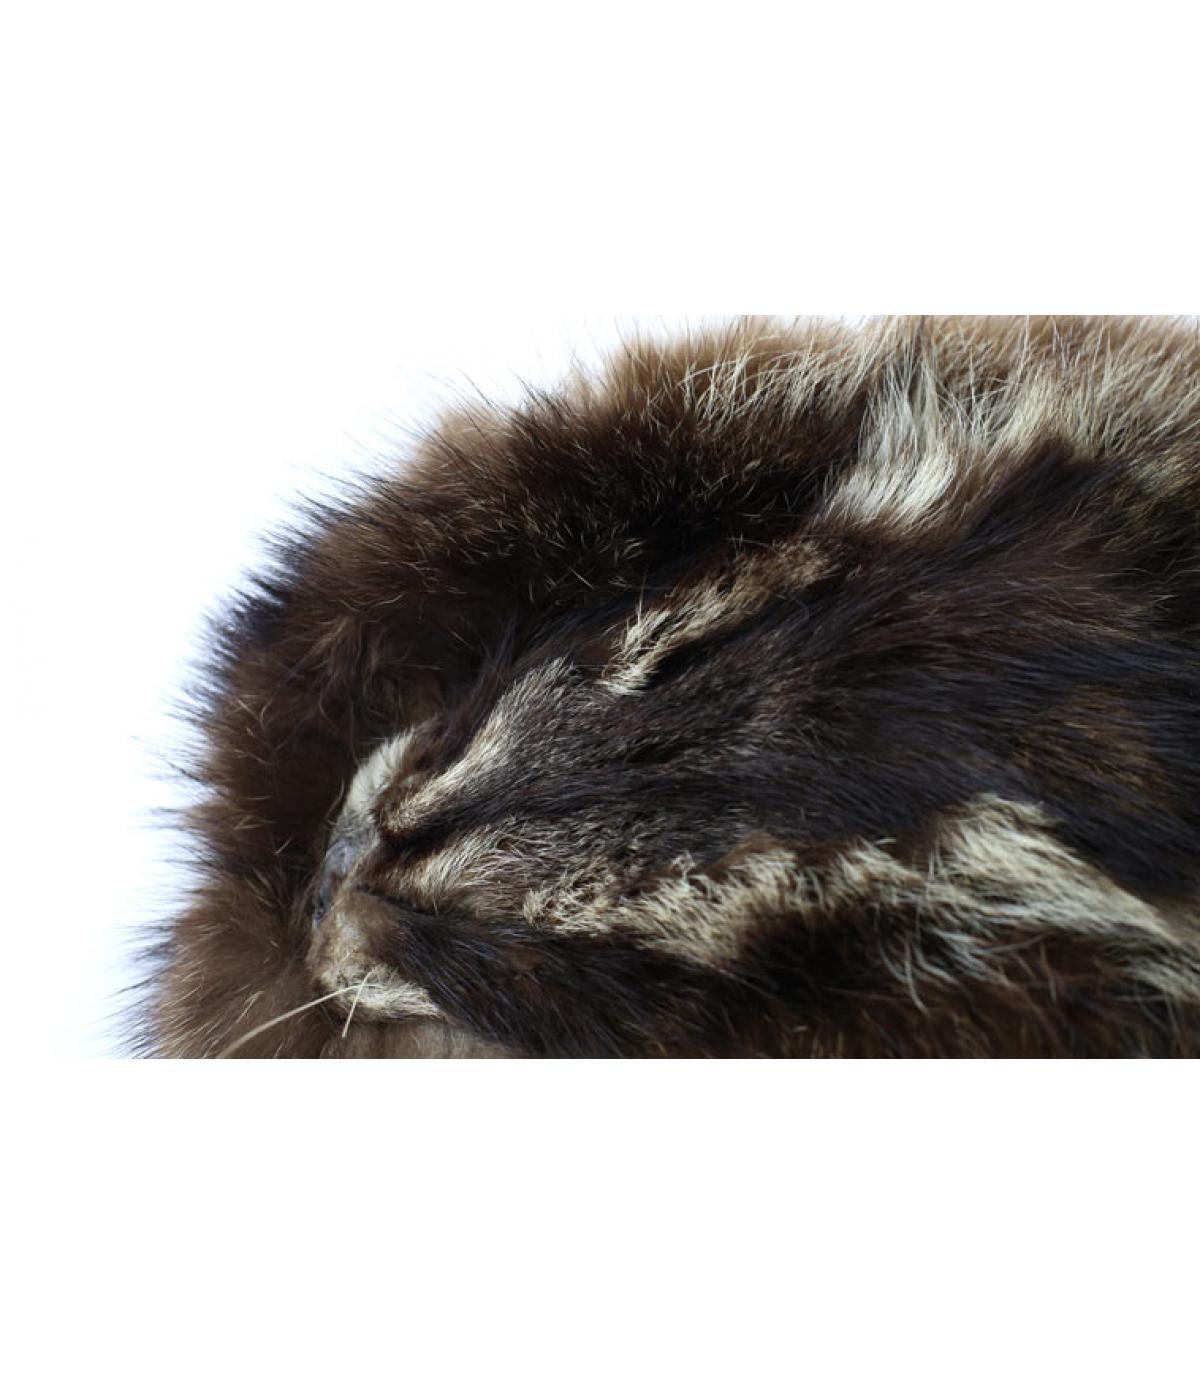 da2a33f08b1 Raccoon fur trapper hat - Davy raccoon trapper hat by Gena.